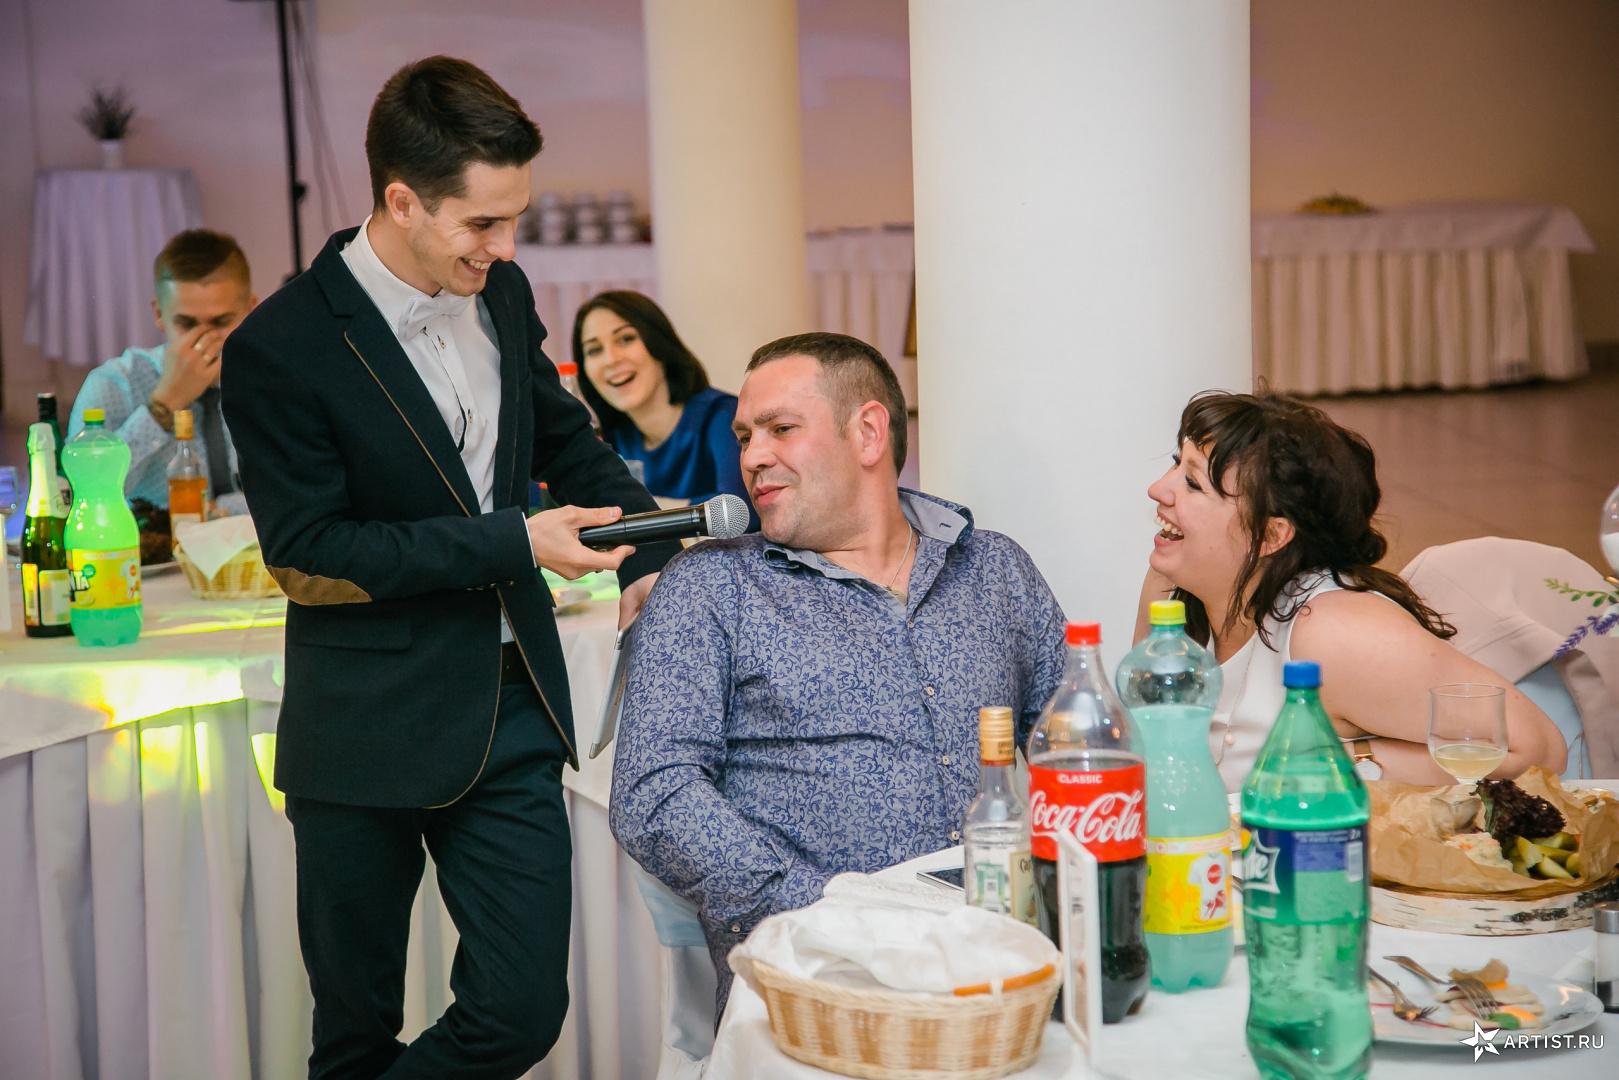 Фото 3 из 15 из альбома Свадьба Анастасии и Дмитрия Андрея Кислого